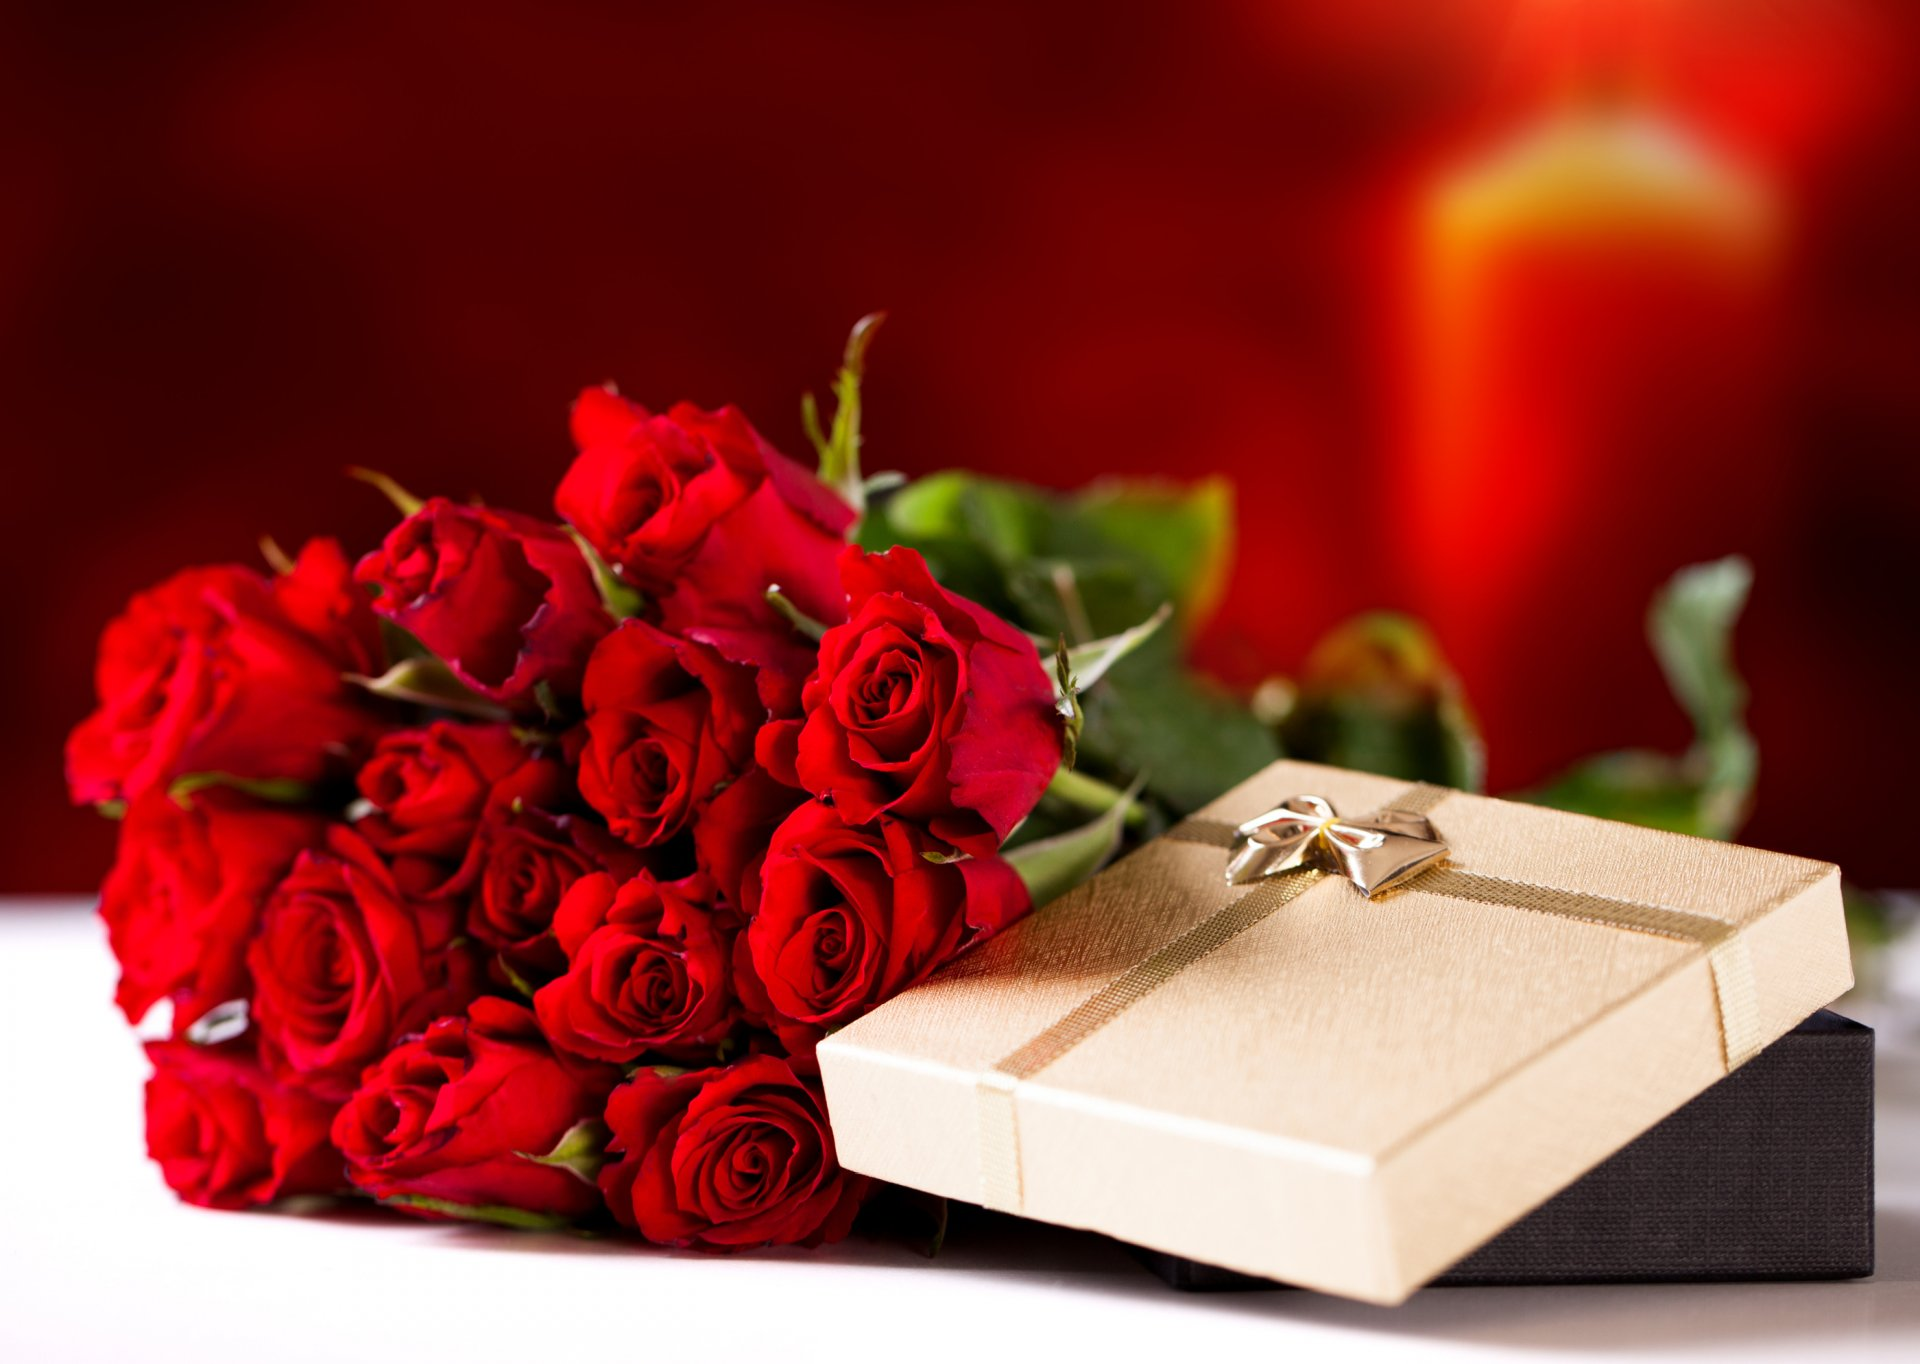 Открытка с днем рождения женщине букет роз, поздравления новым годом